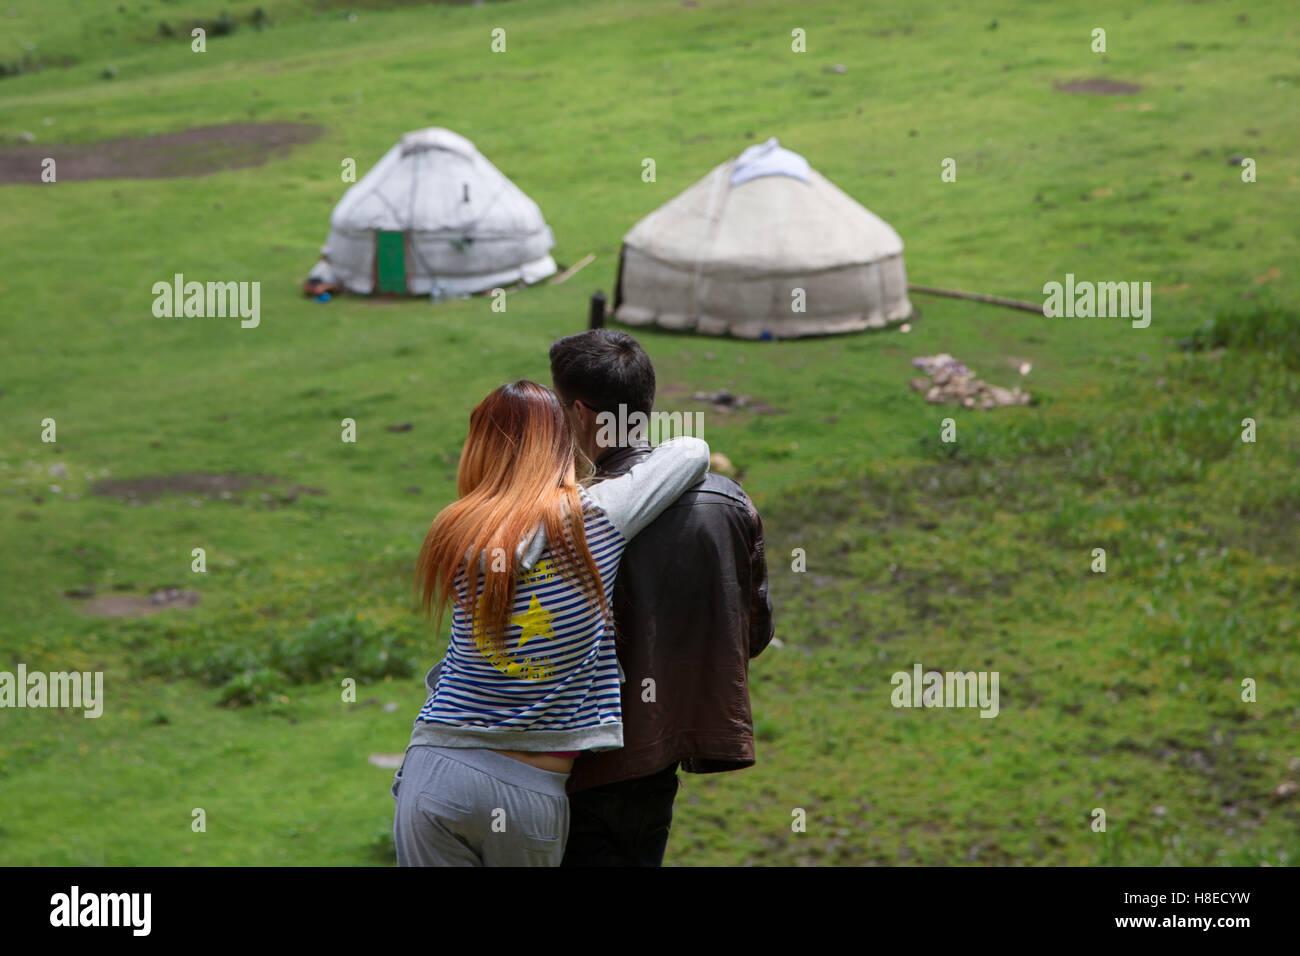 Kirgisistan - Bilder - Reisen Menschen Zentralasien Stockbild